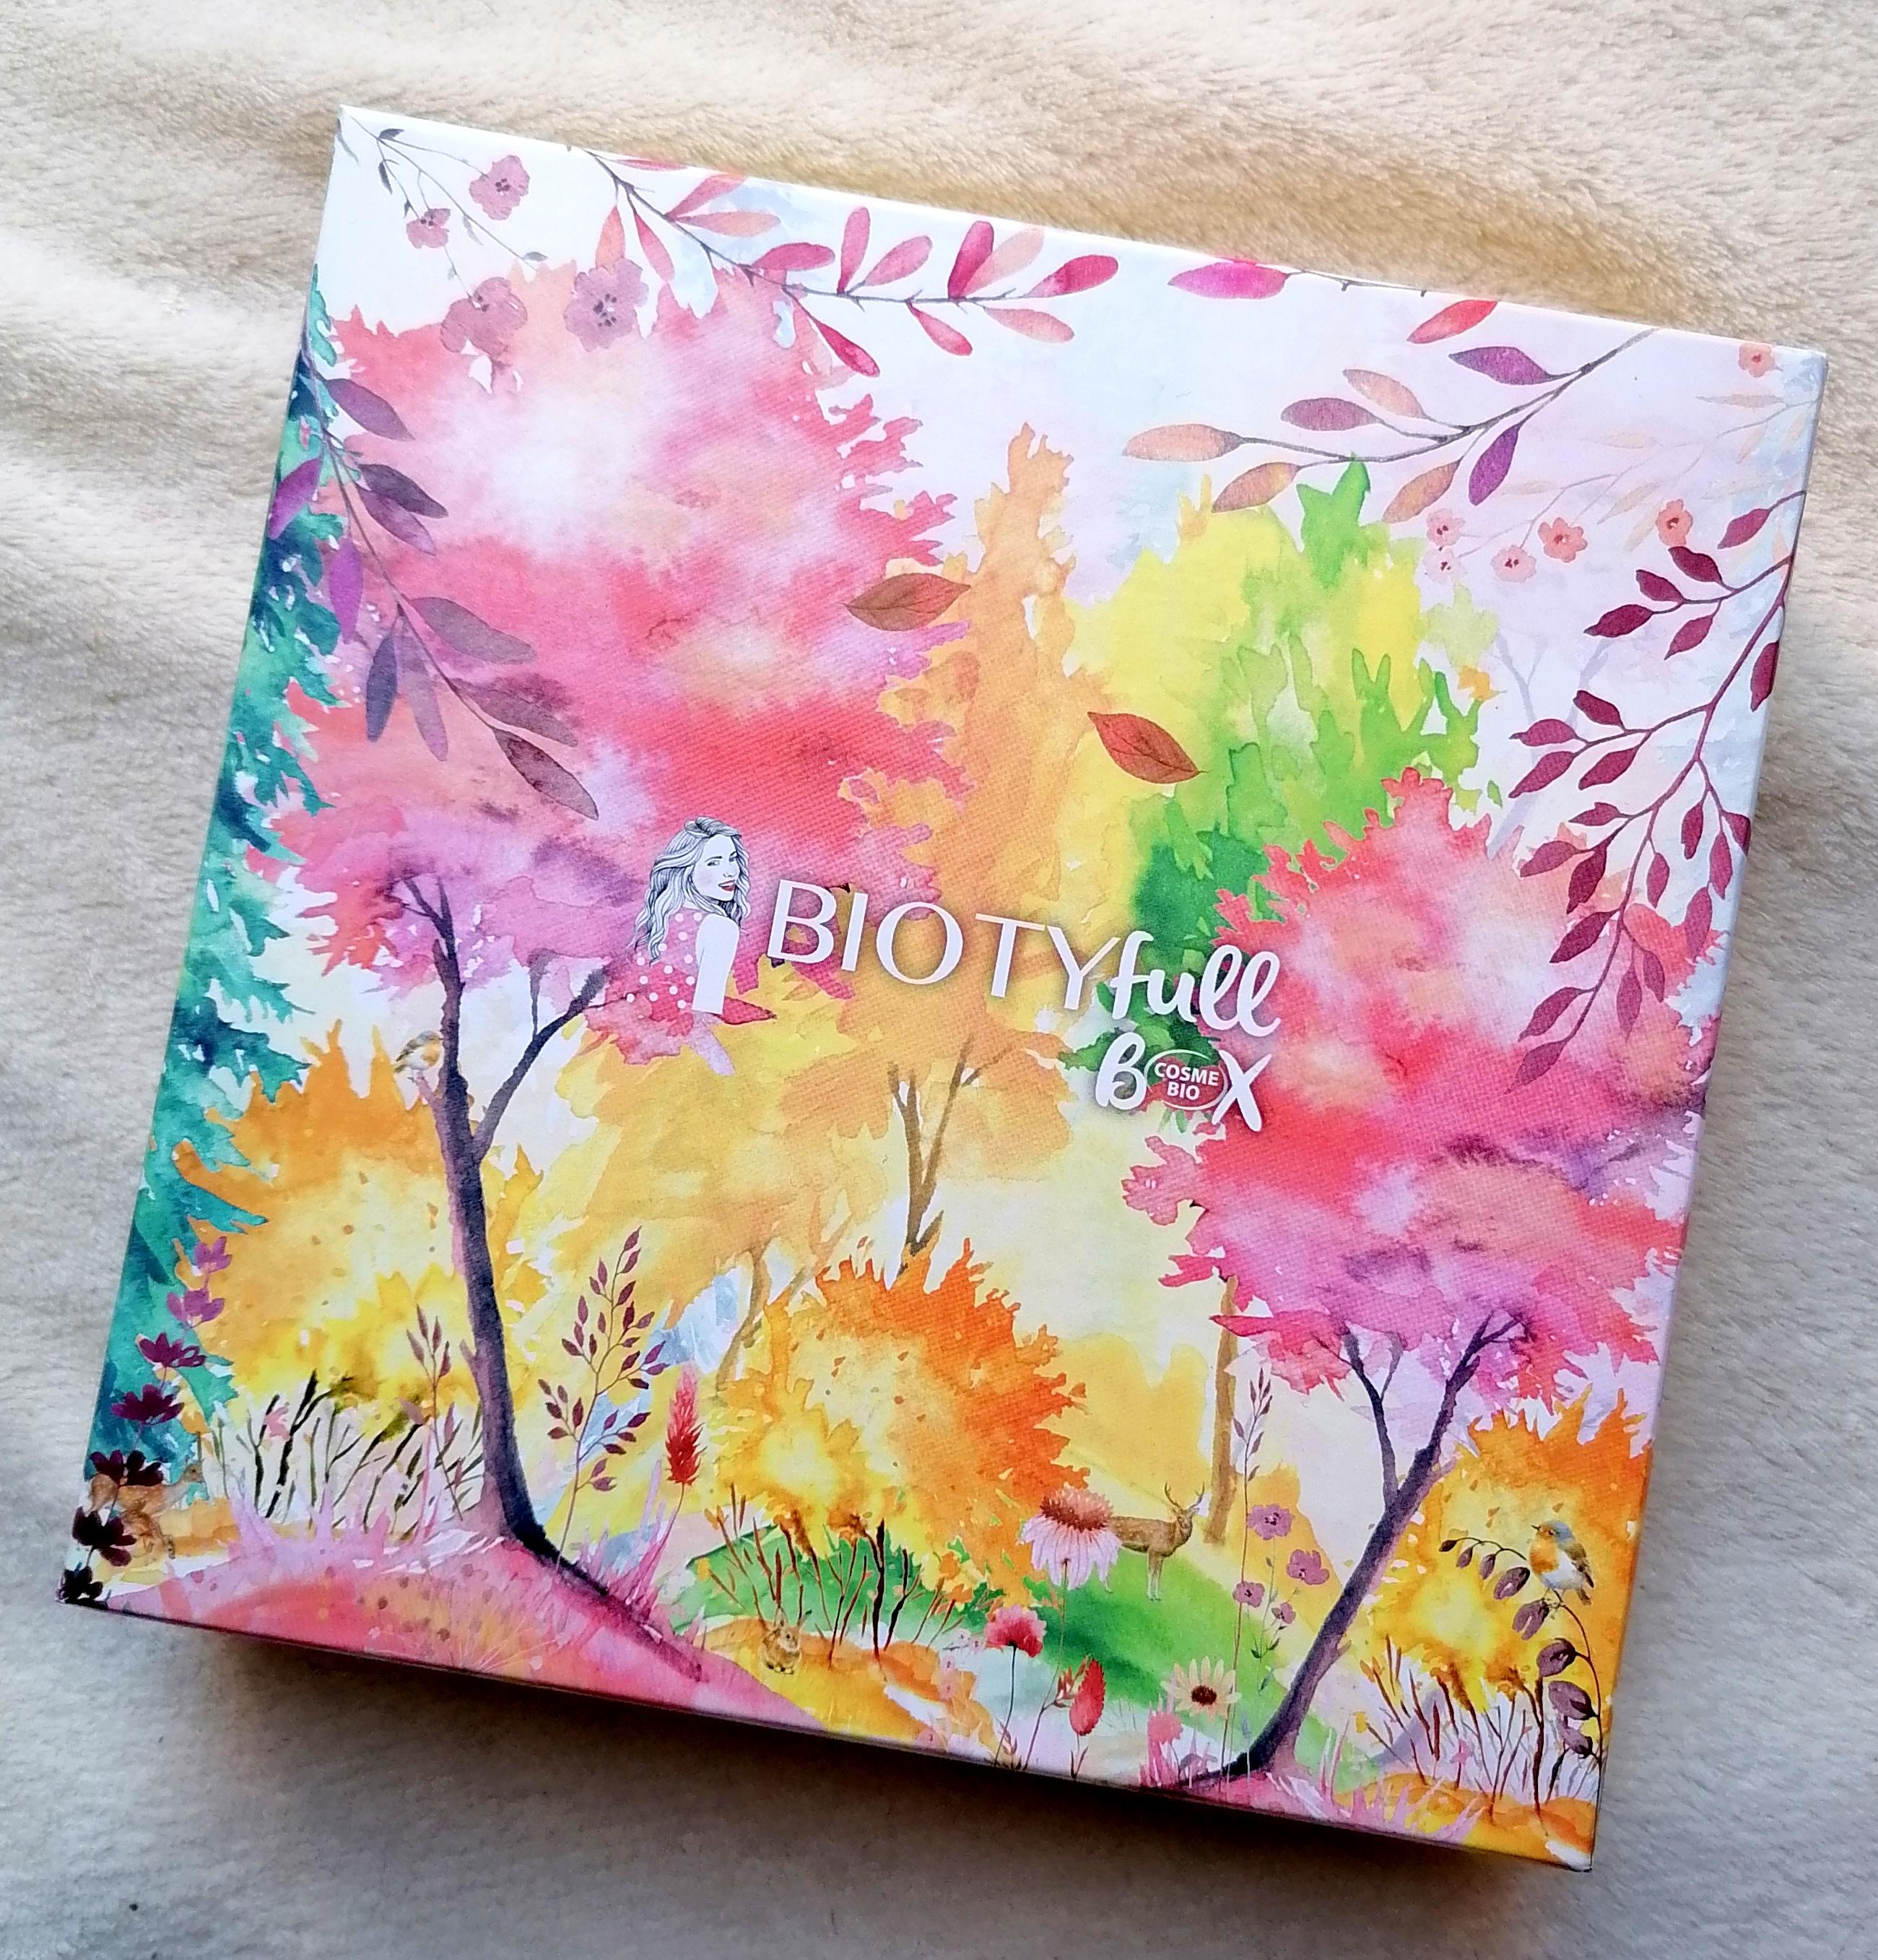 Ma Biotyfull Box d'Octobre : L'Unisexe 100% Cosmébio 🍃